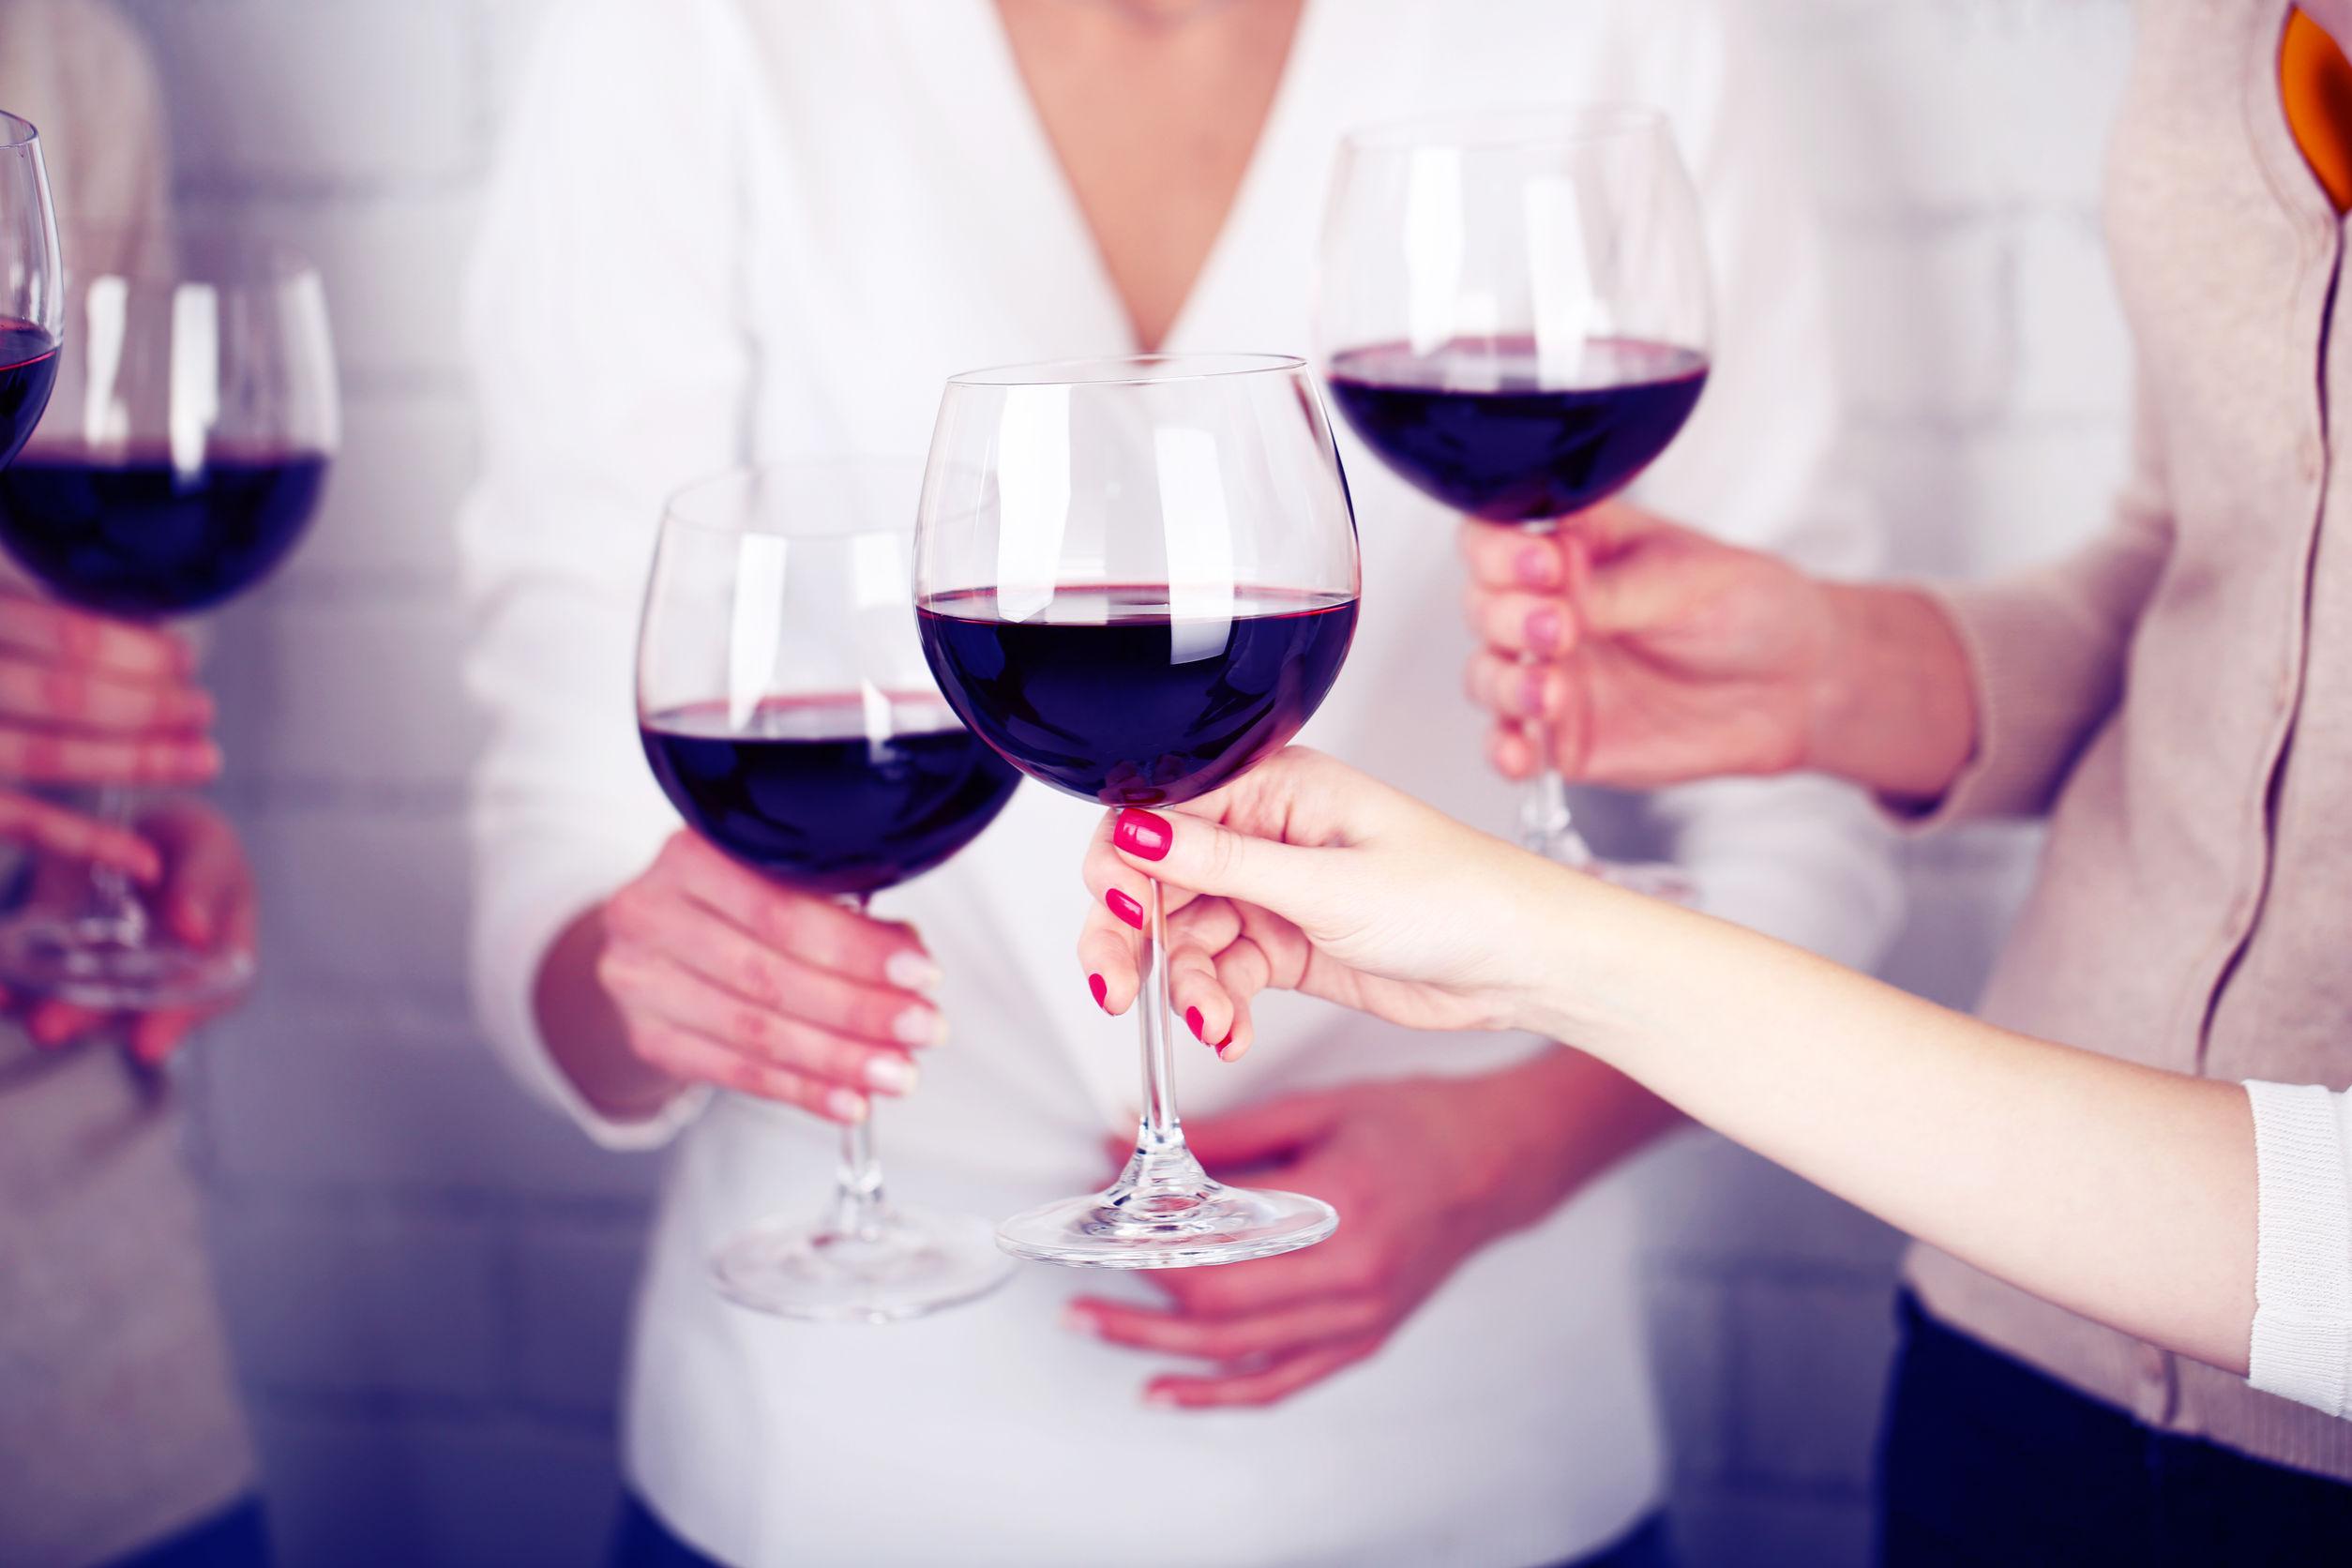 Femeia al cărei job este să bea 70 de pahare de vin într-o zi